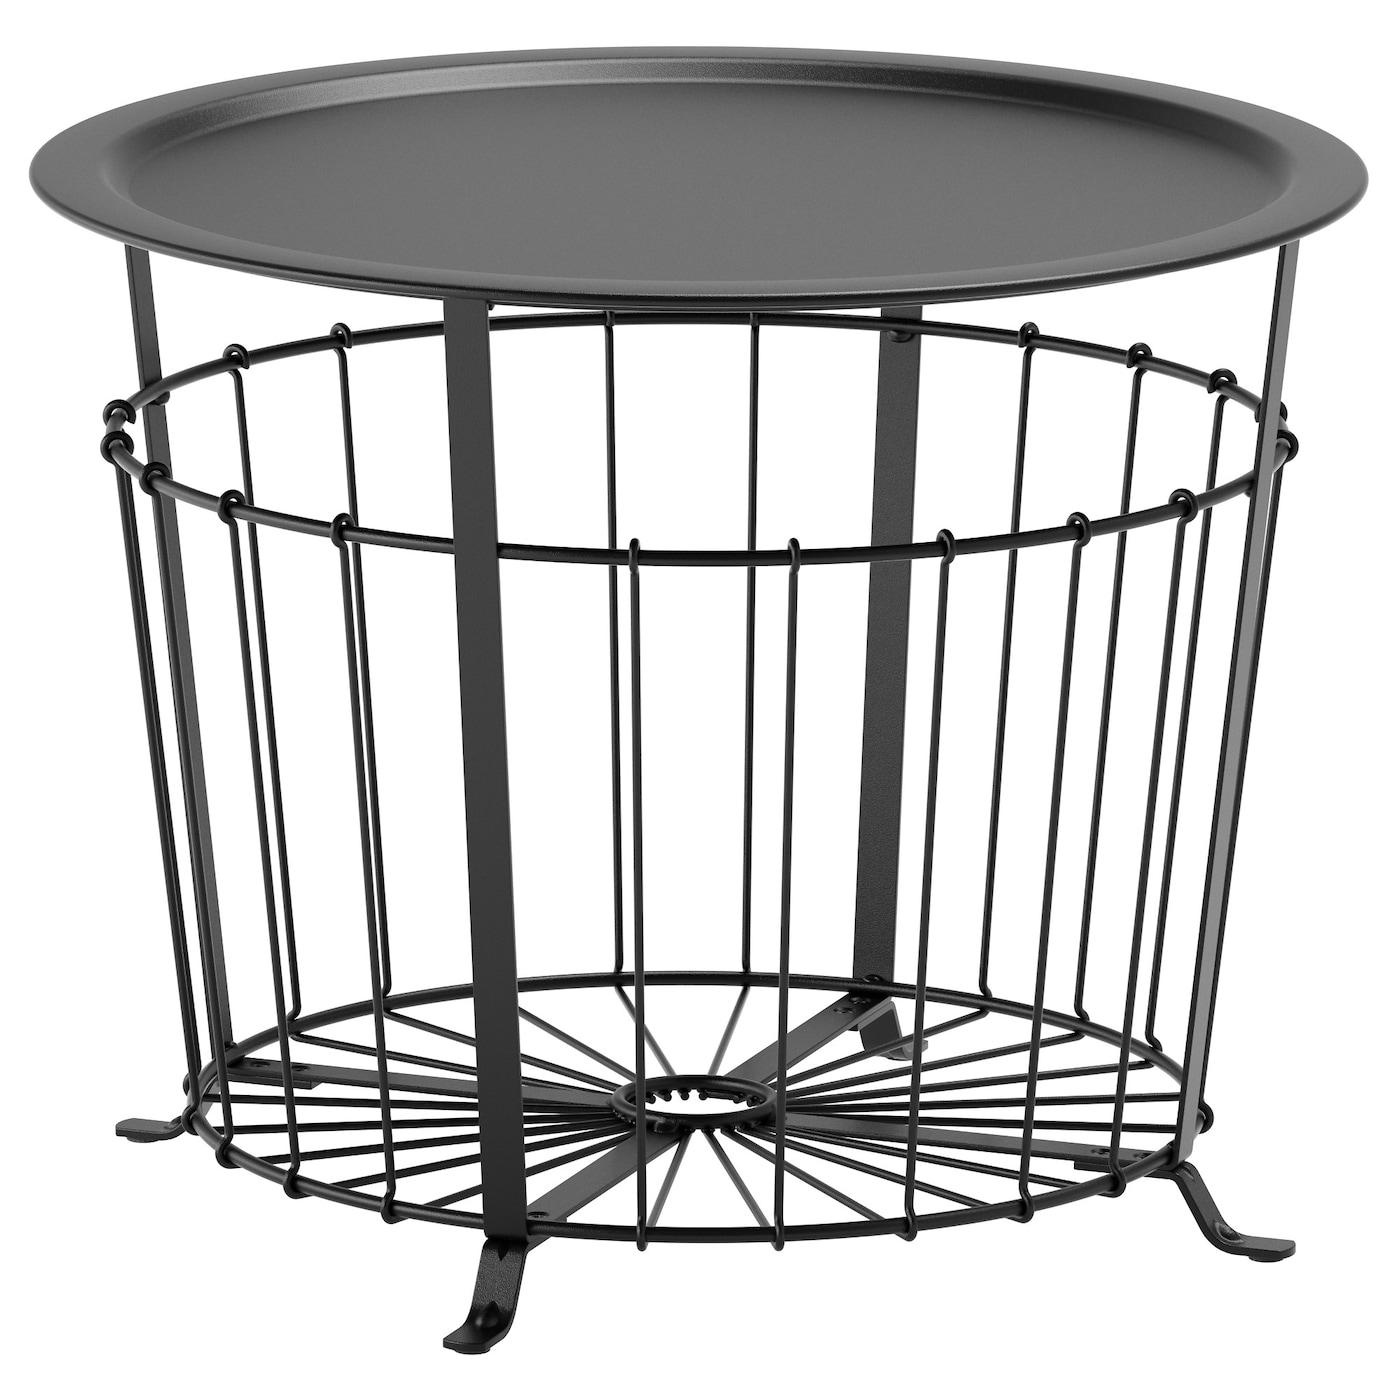 ev-storage-table-black__0470029_PE612476_S5